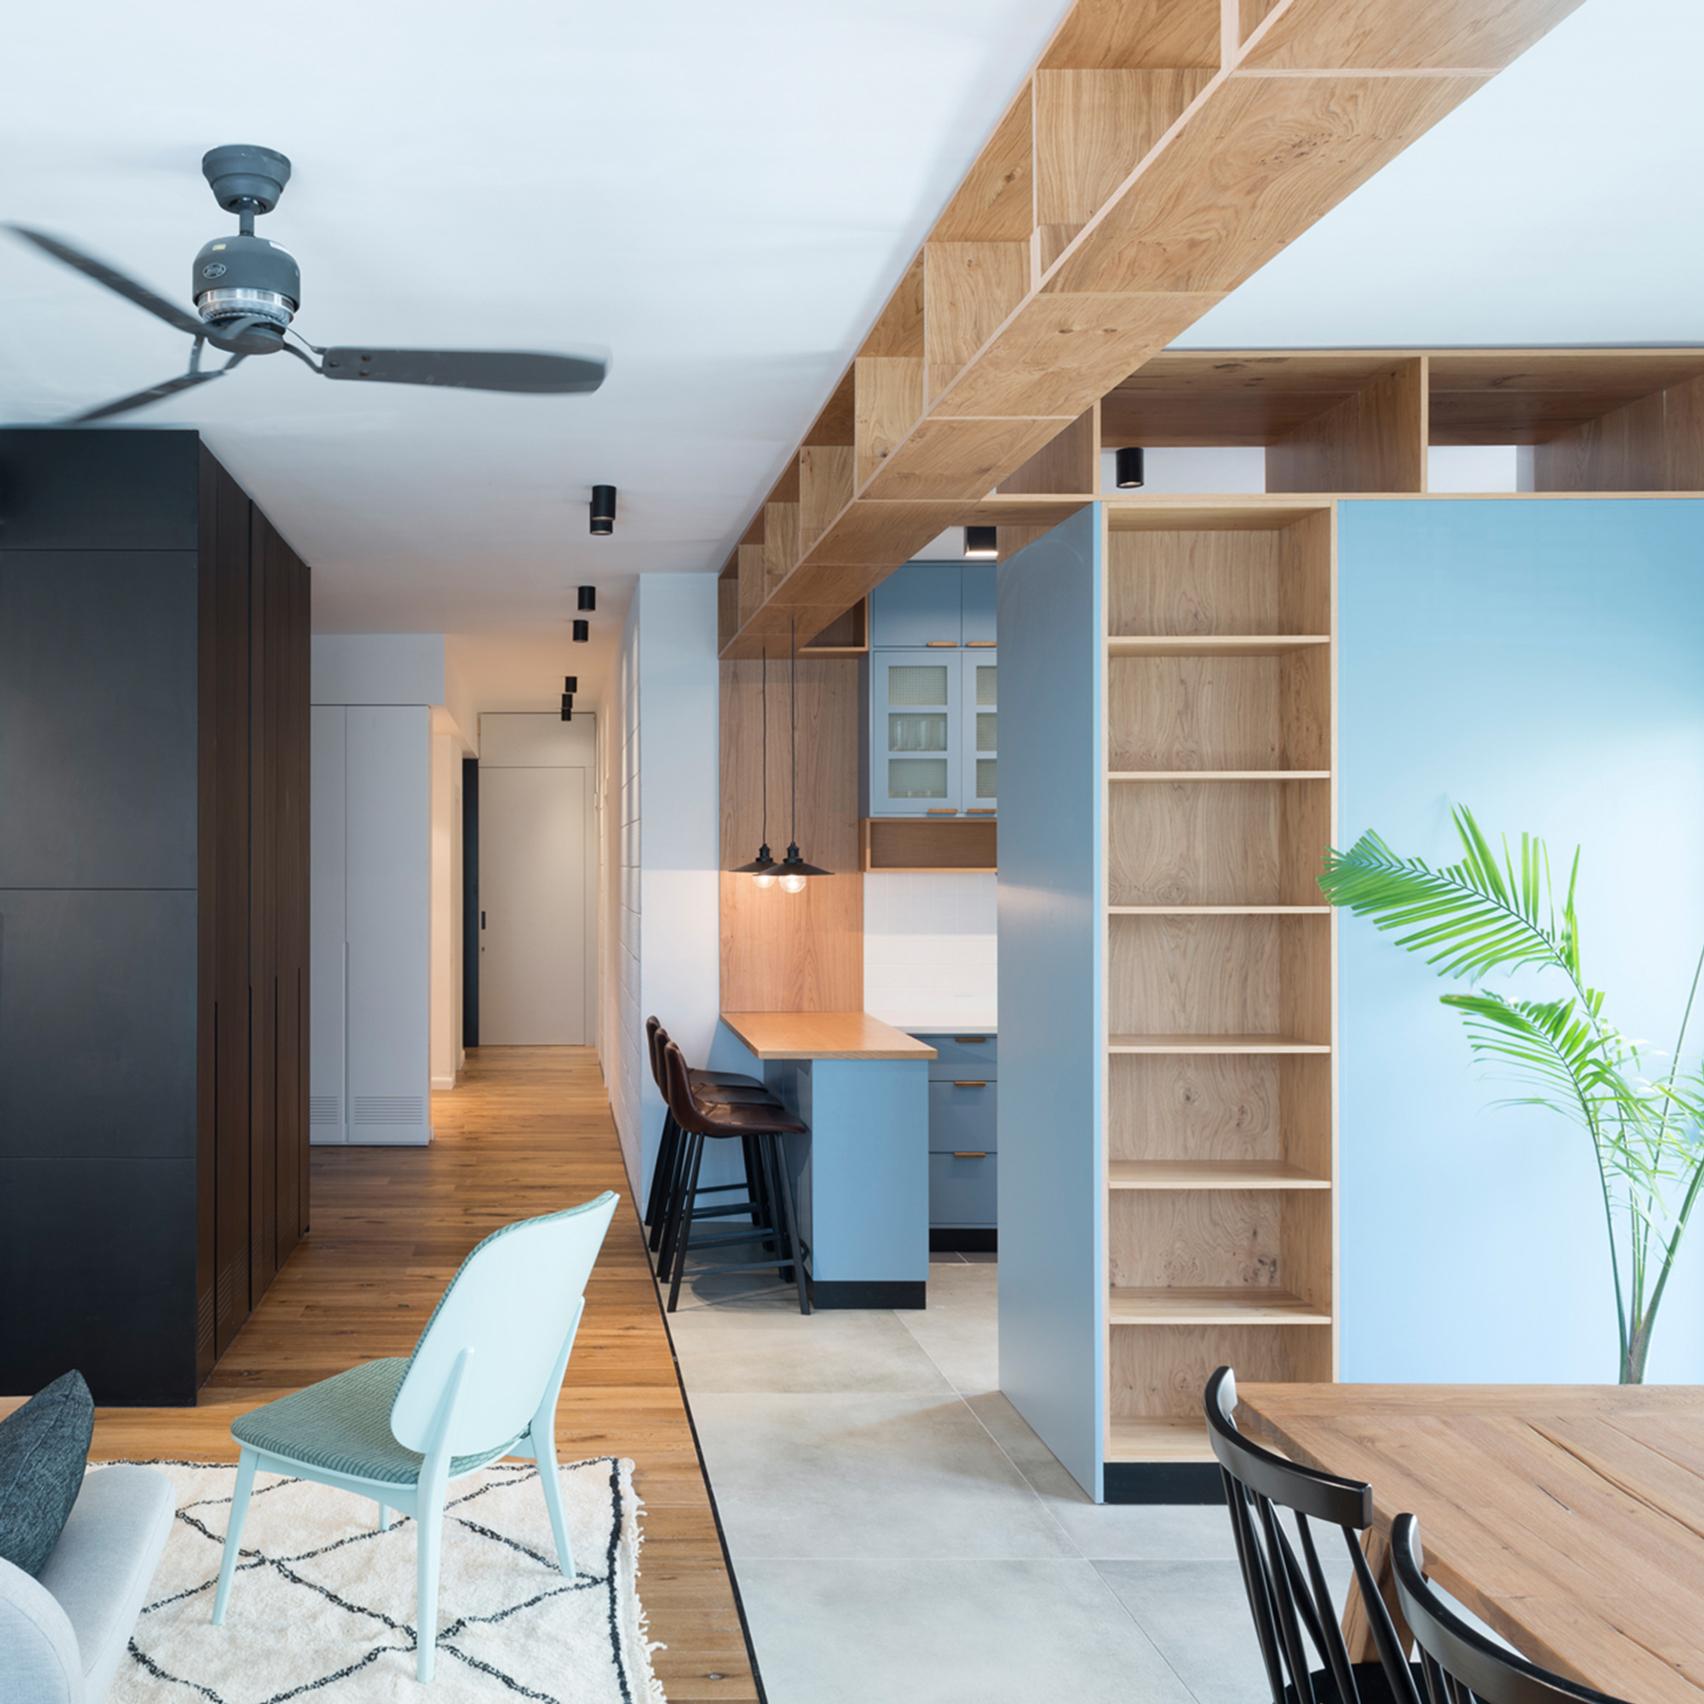 Если грамотно разместить в студии те же шкафы, вполне возможно для каждого члена семьи выделить его личную зону